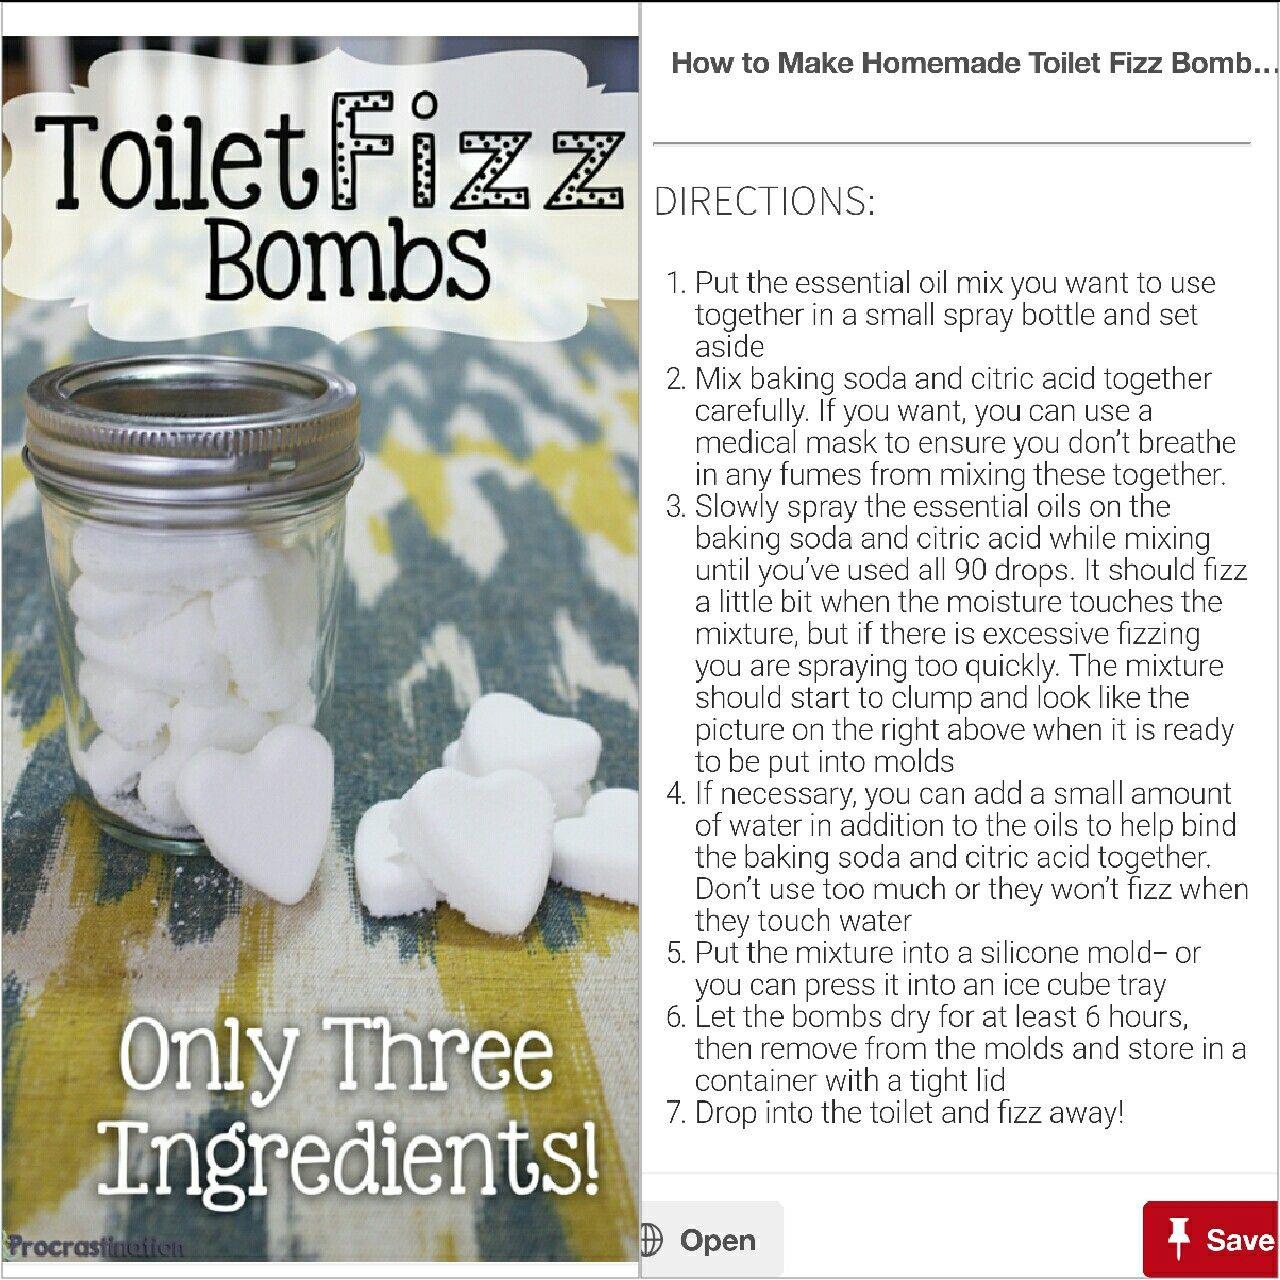 1 1/3 cup baking soda 1/2 cup citric acid 90 drops essential oils (30 lemon, 30 peppermint, 20 orange, 10 lavender)